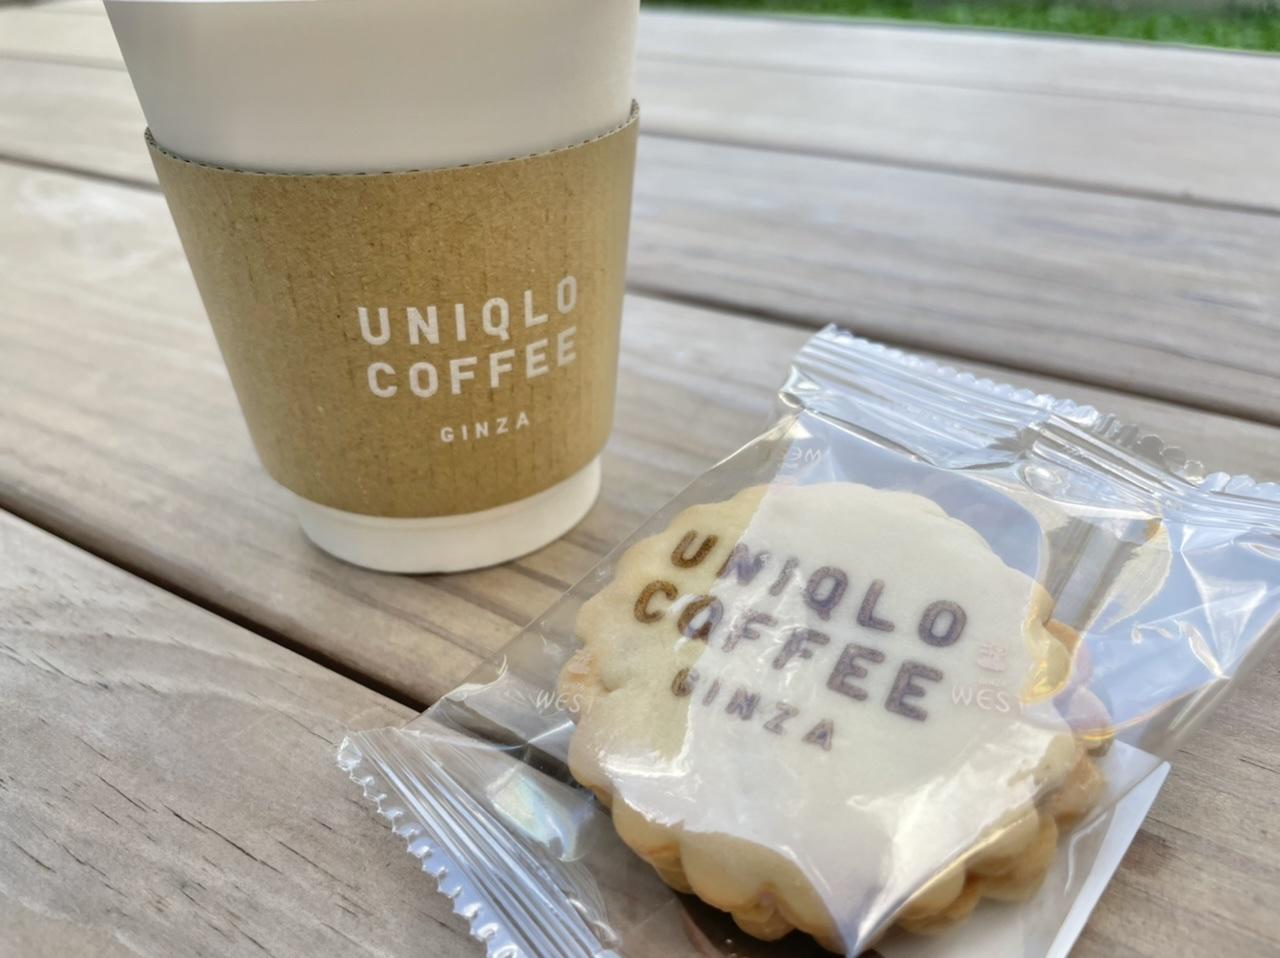 ユニクロオリジナルブレンドコーヒーとユニクロコーヒー限定の銀座ウエストバタークッキー